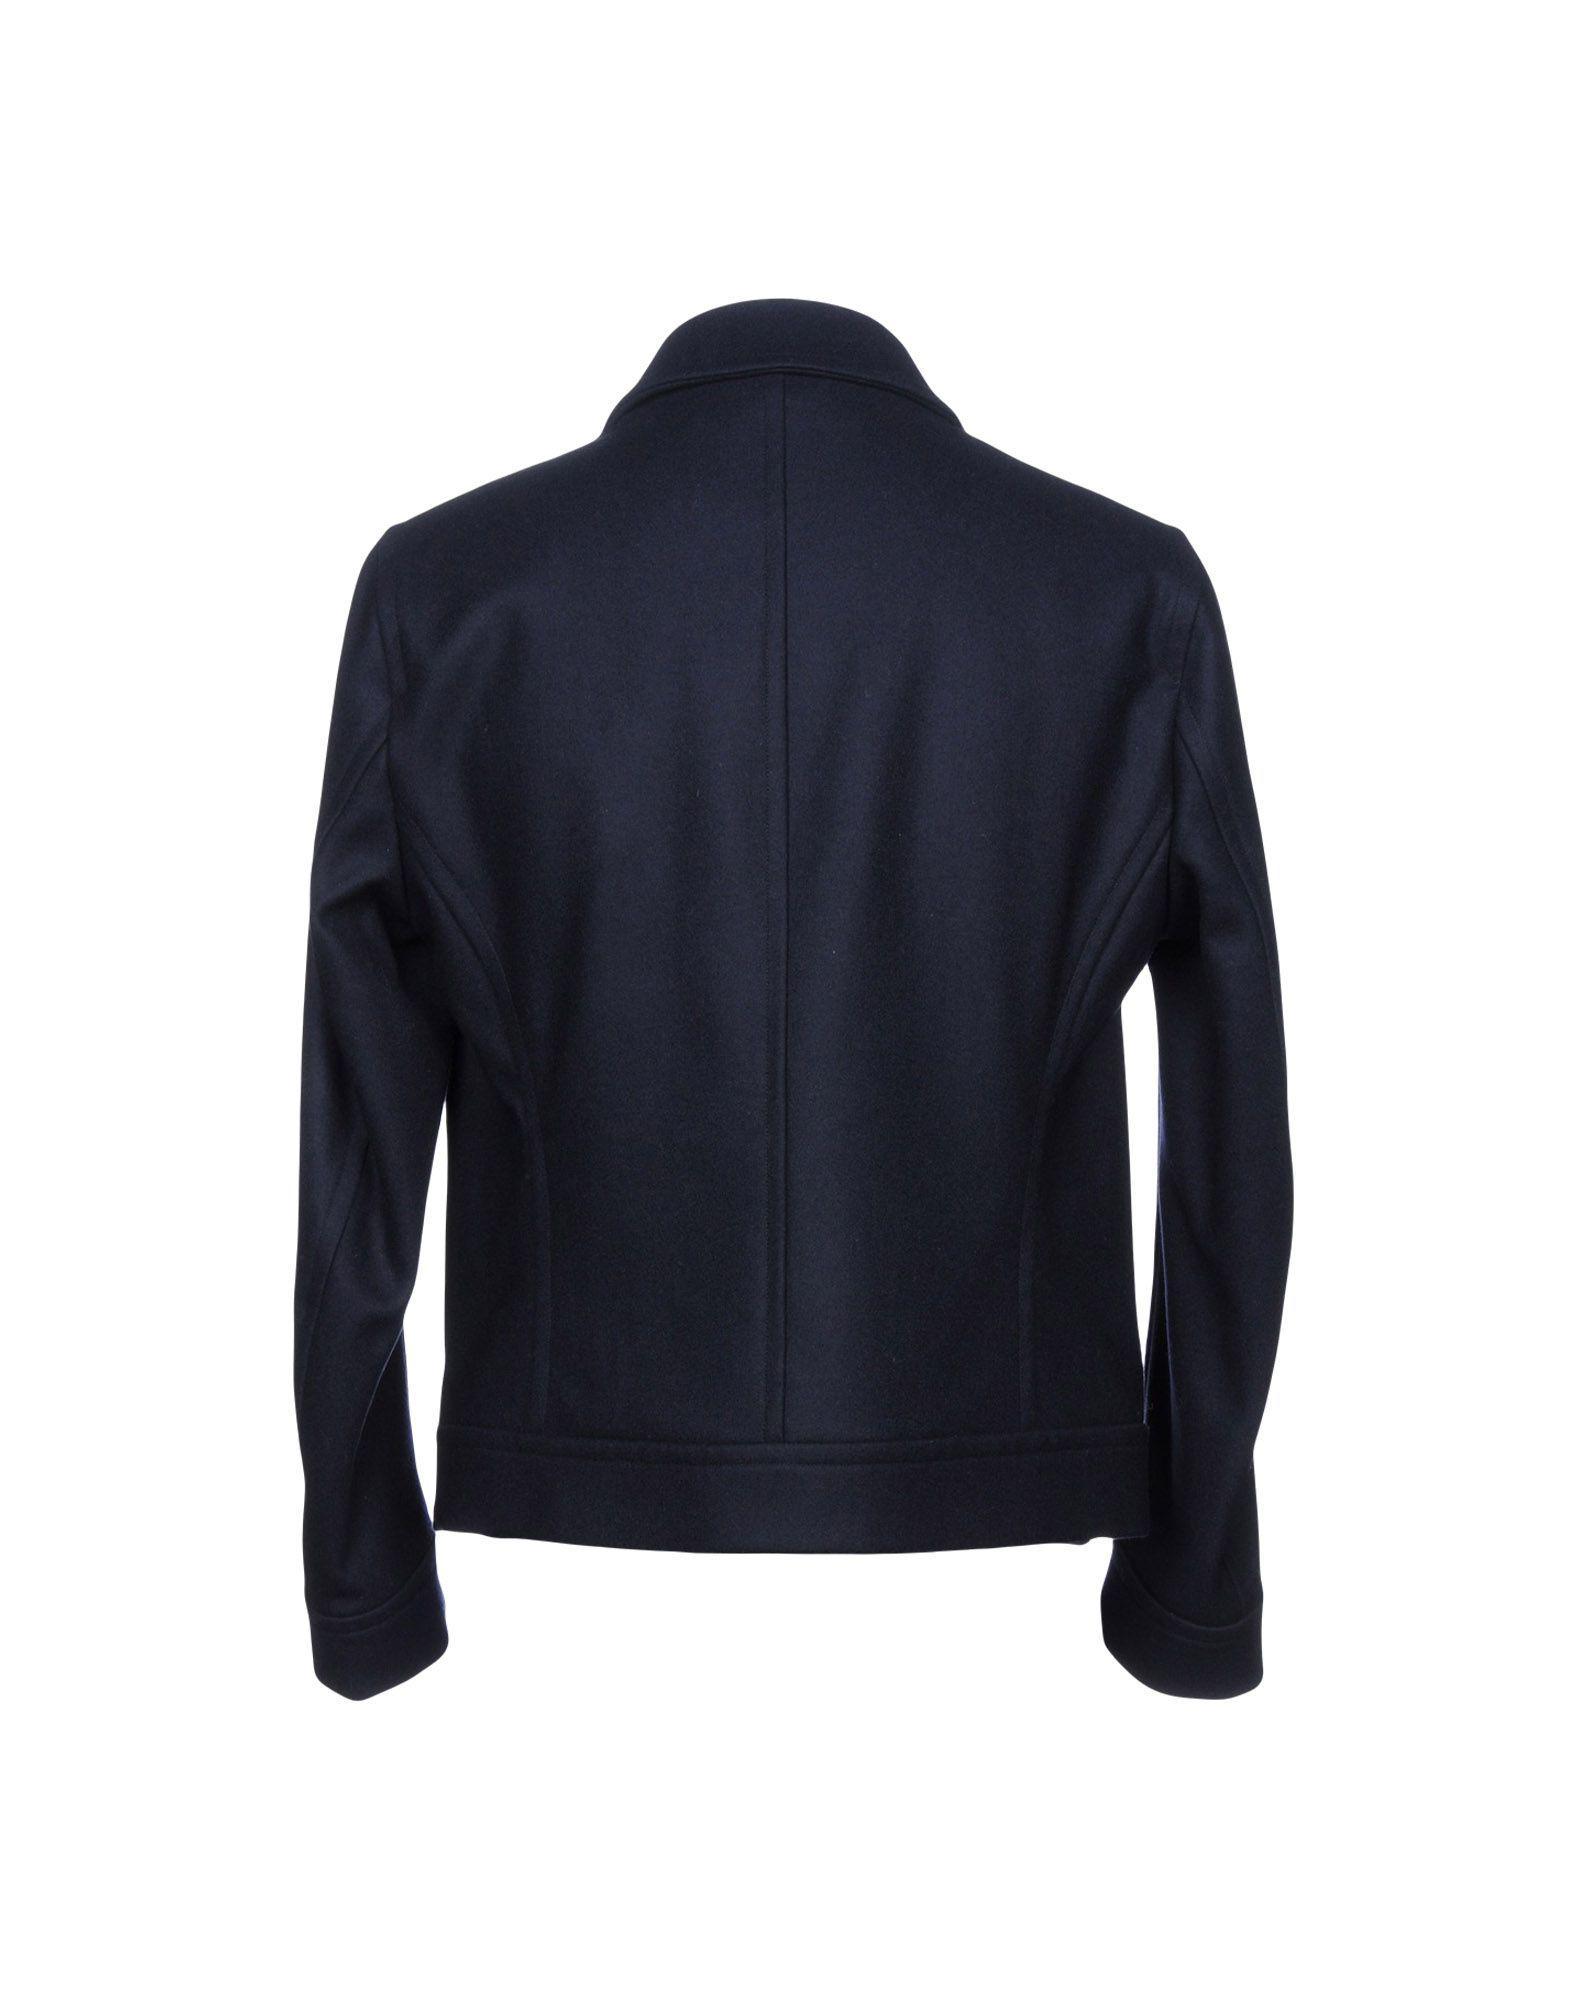 Sealup Wool Jacket in Dark Blue (Blue) for Men